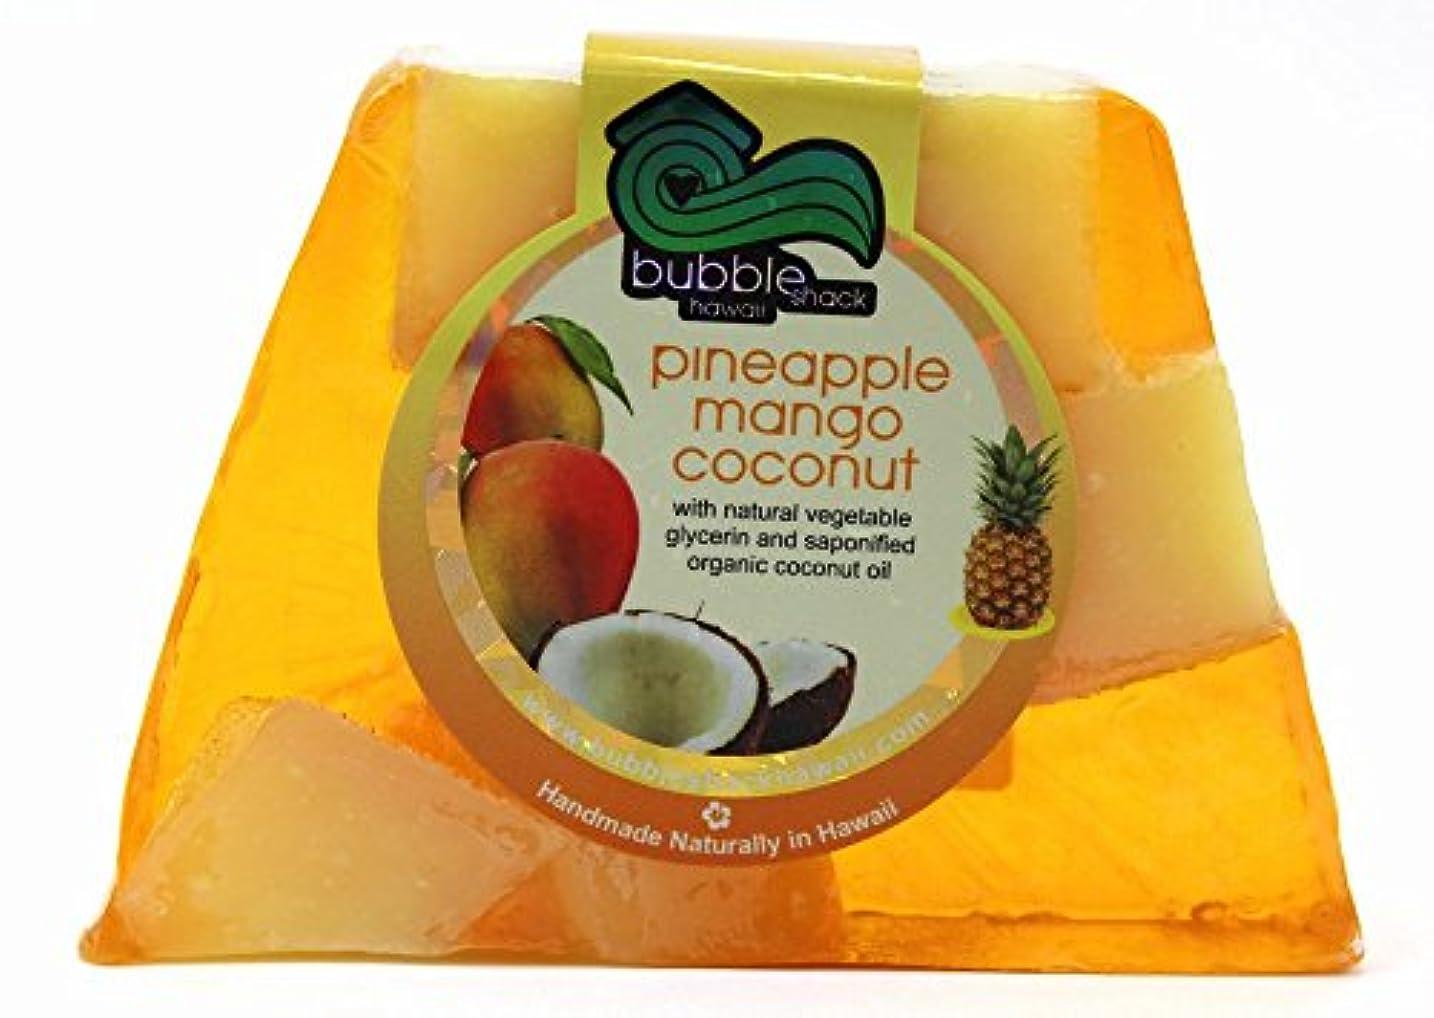 はぁフェリー大声でハワイ お土産 ハワイアン雑貨 バブルシャック パイナップル チャンクソープ 石鹸 (マンゴーココナッツ) ハワイ雑貨